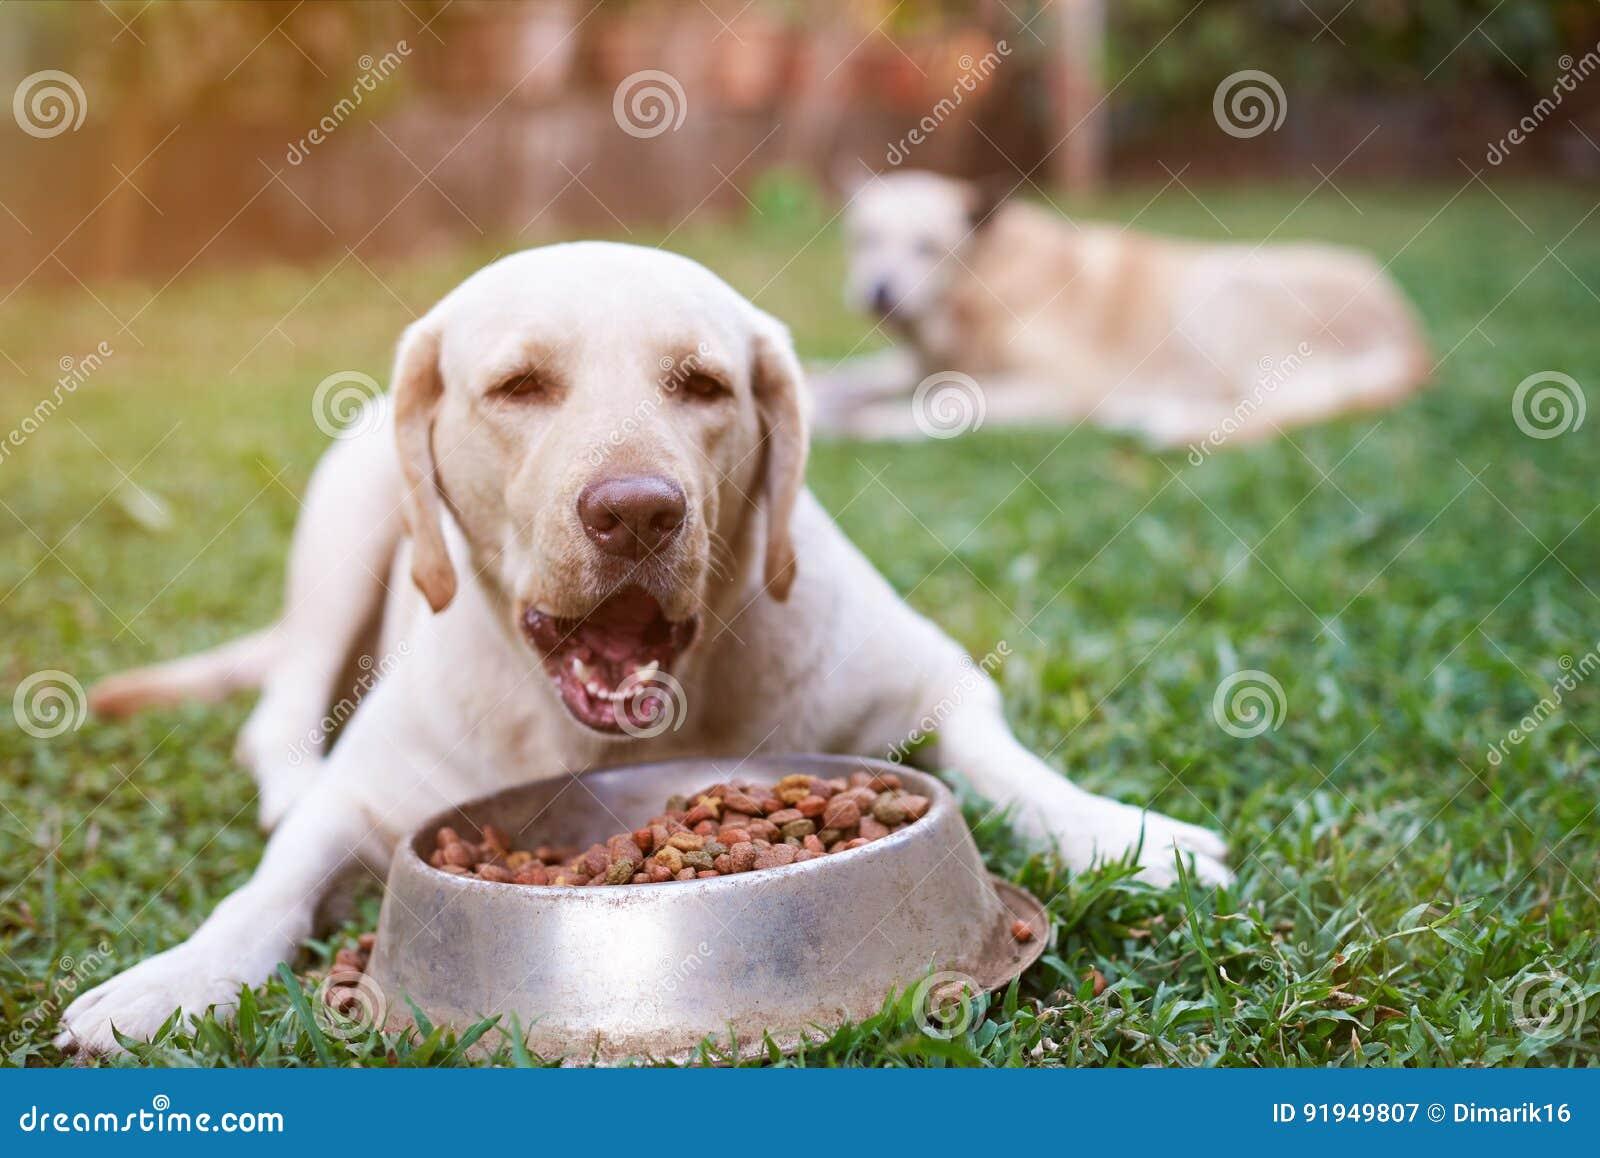 Fußboden Graß Essen ~ Labrador essen von der metallschüssel stockbild bild von nahrung